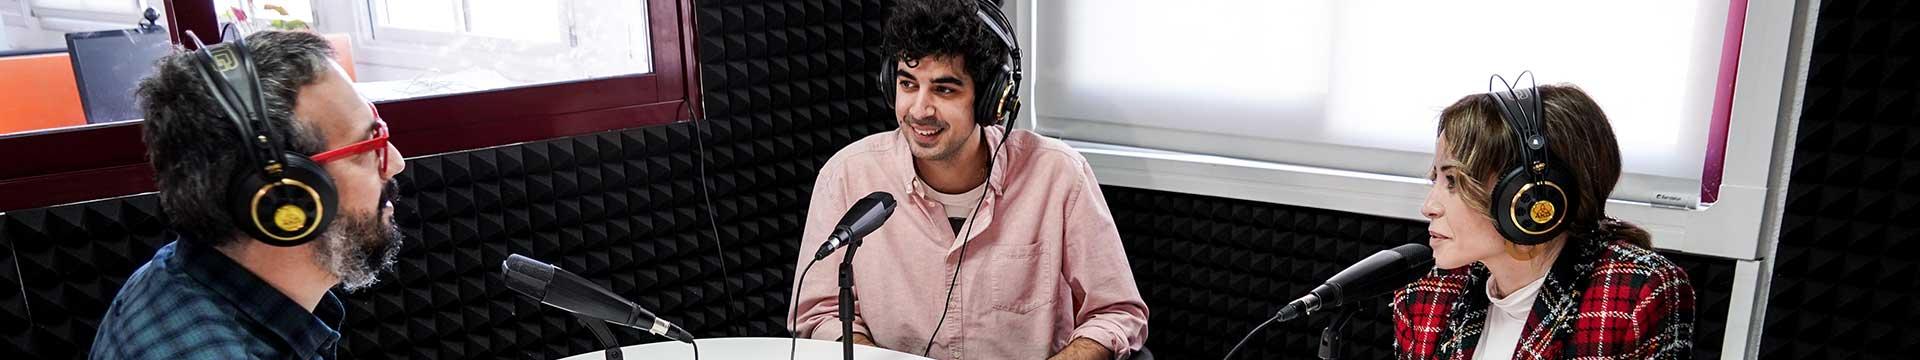 Locutor y presentador de radio y televisión